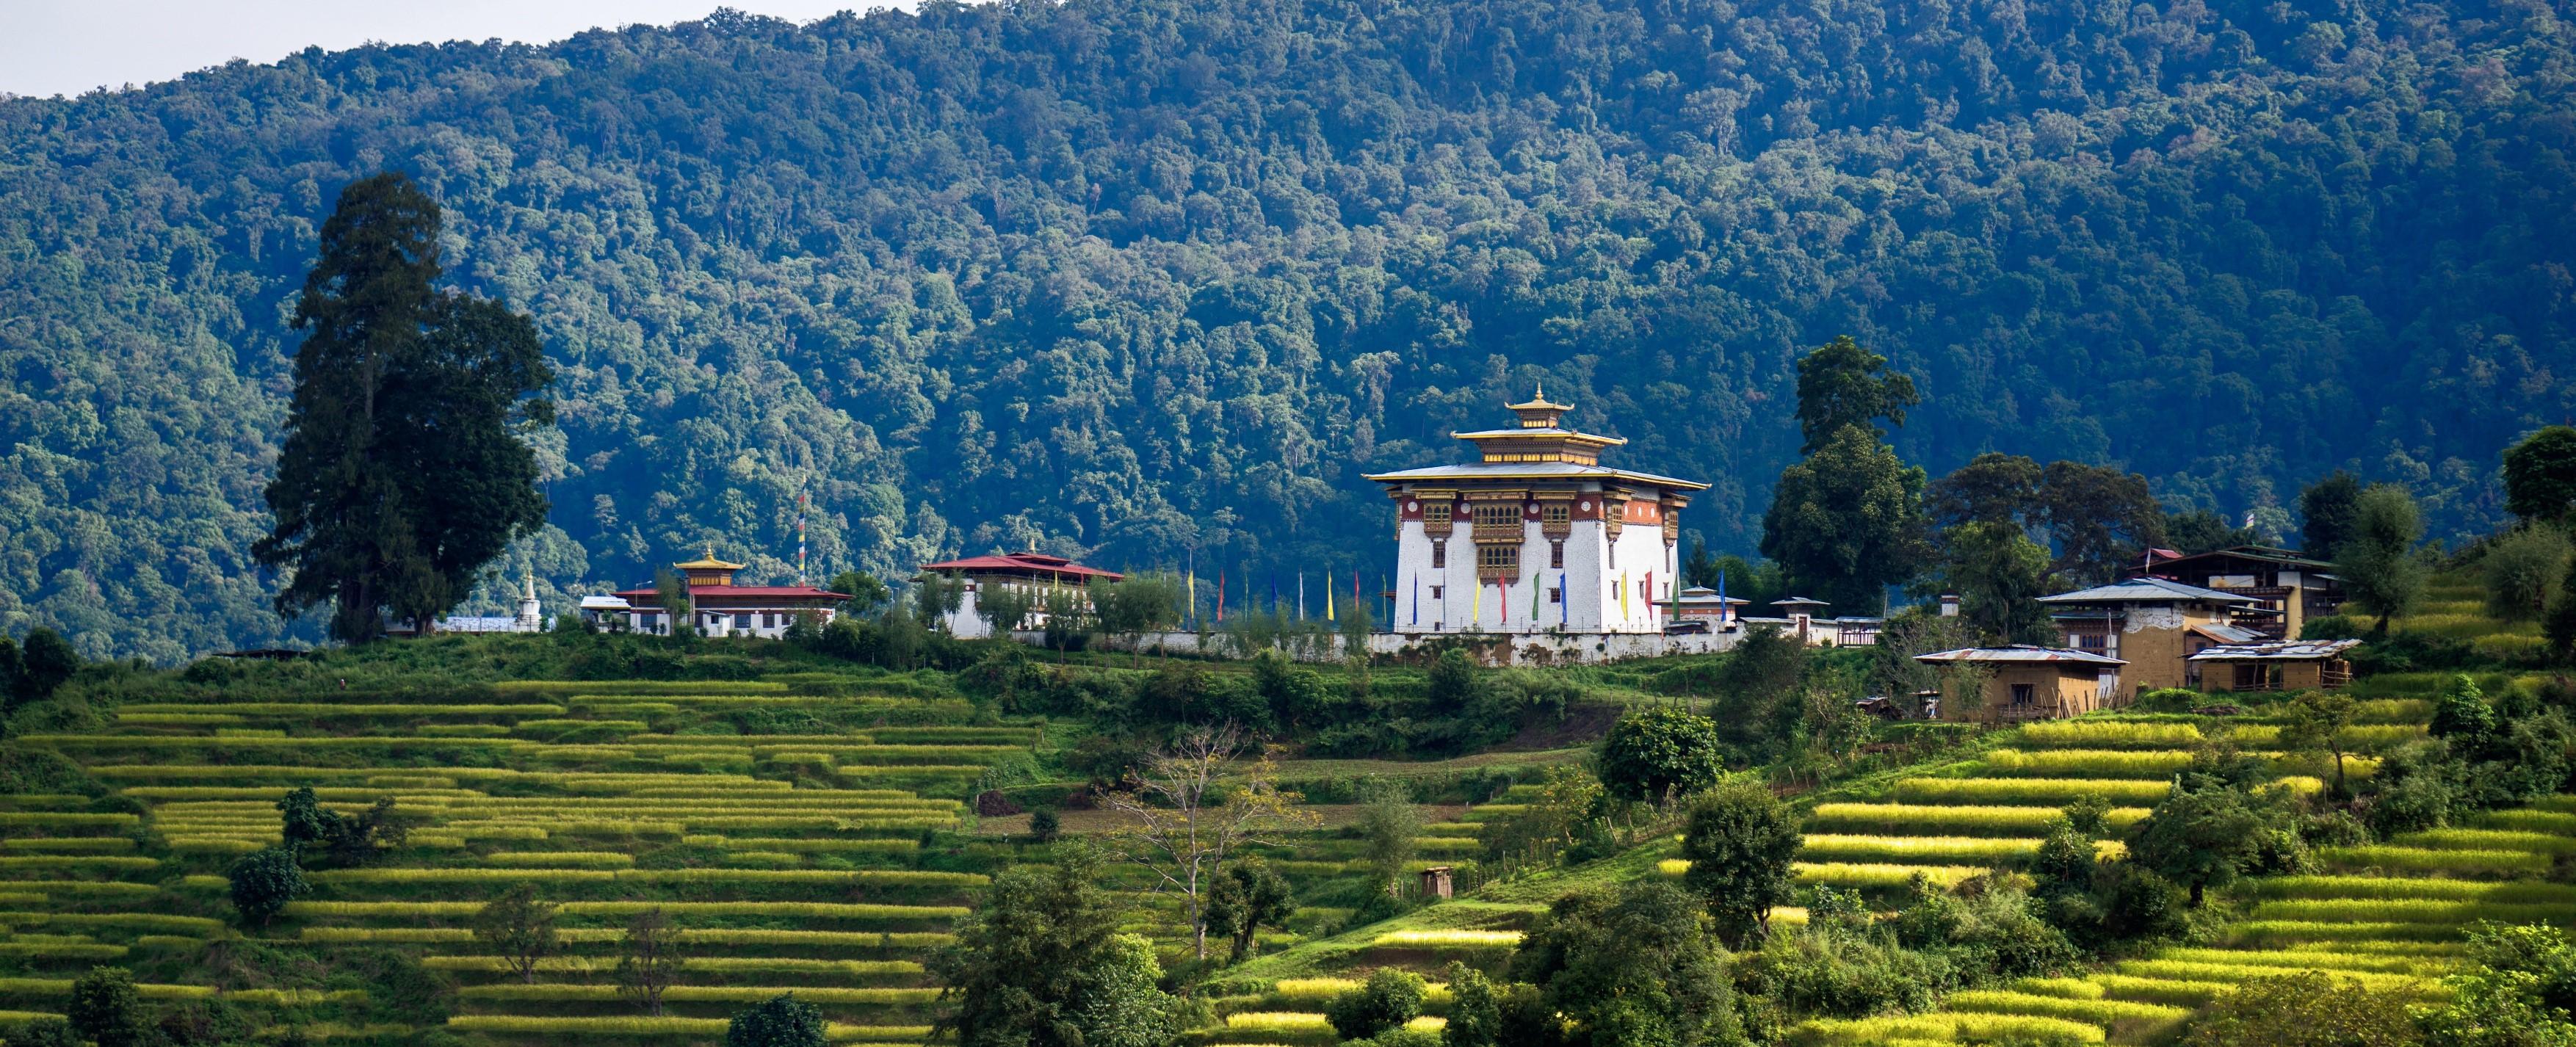 Chorten-Ningpo-Bhutan